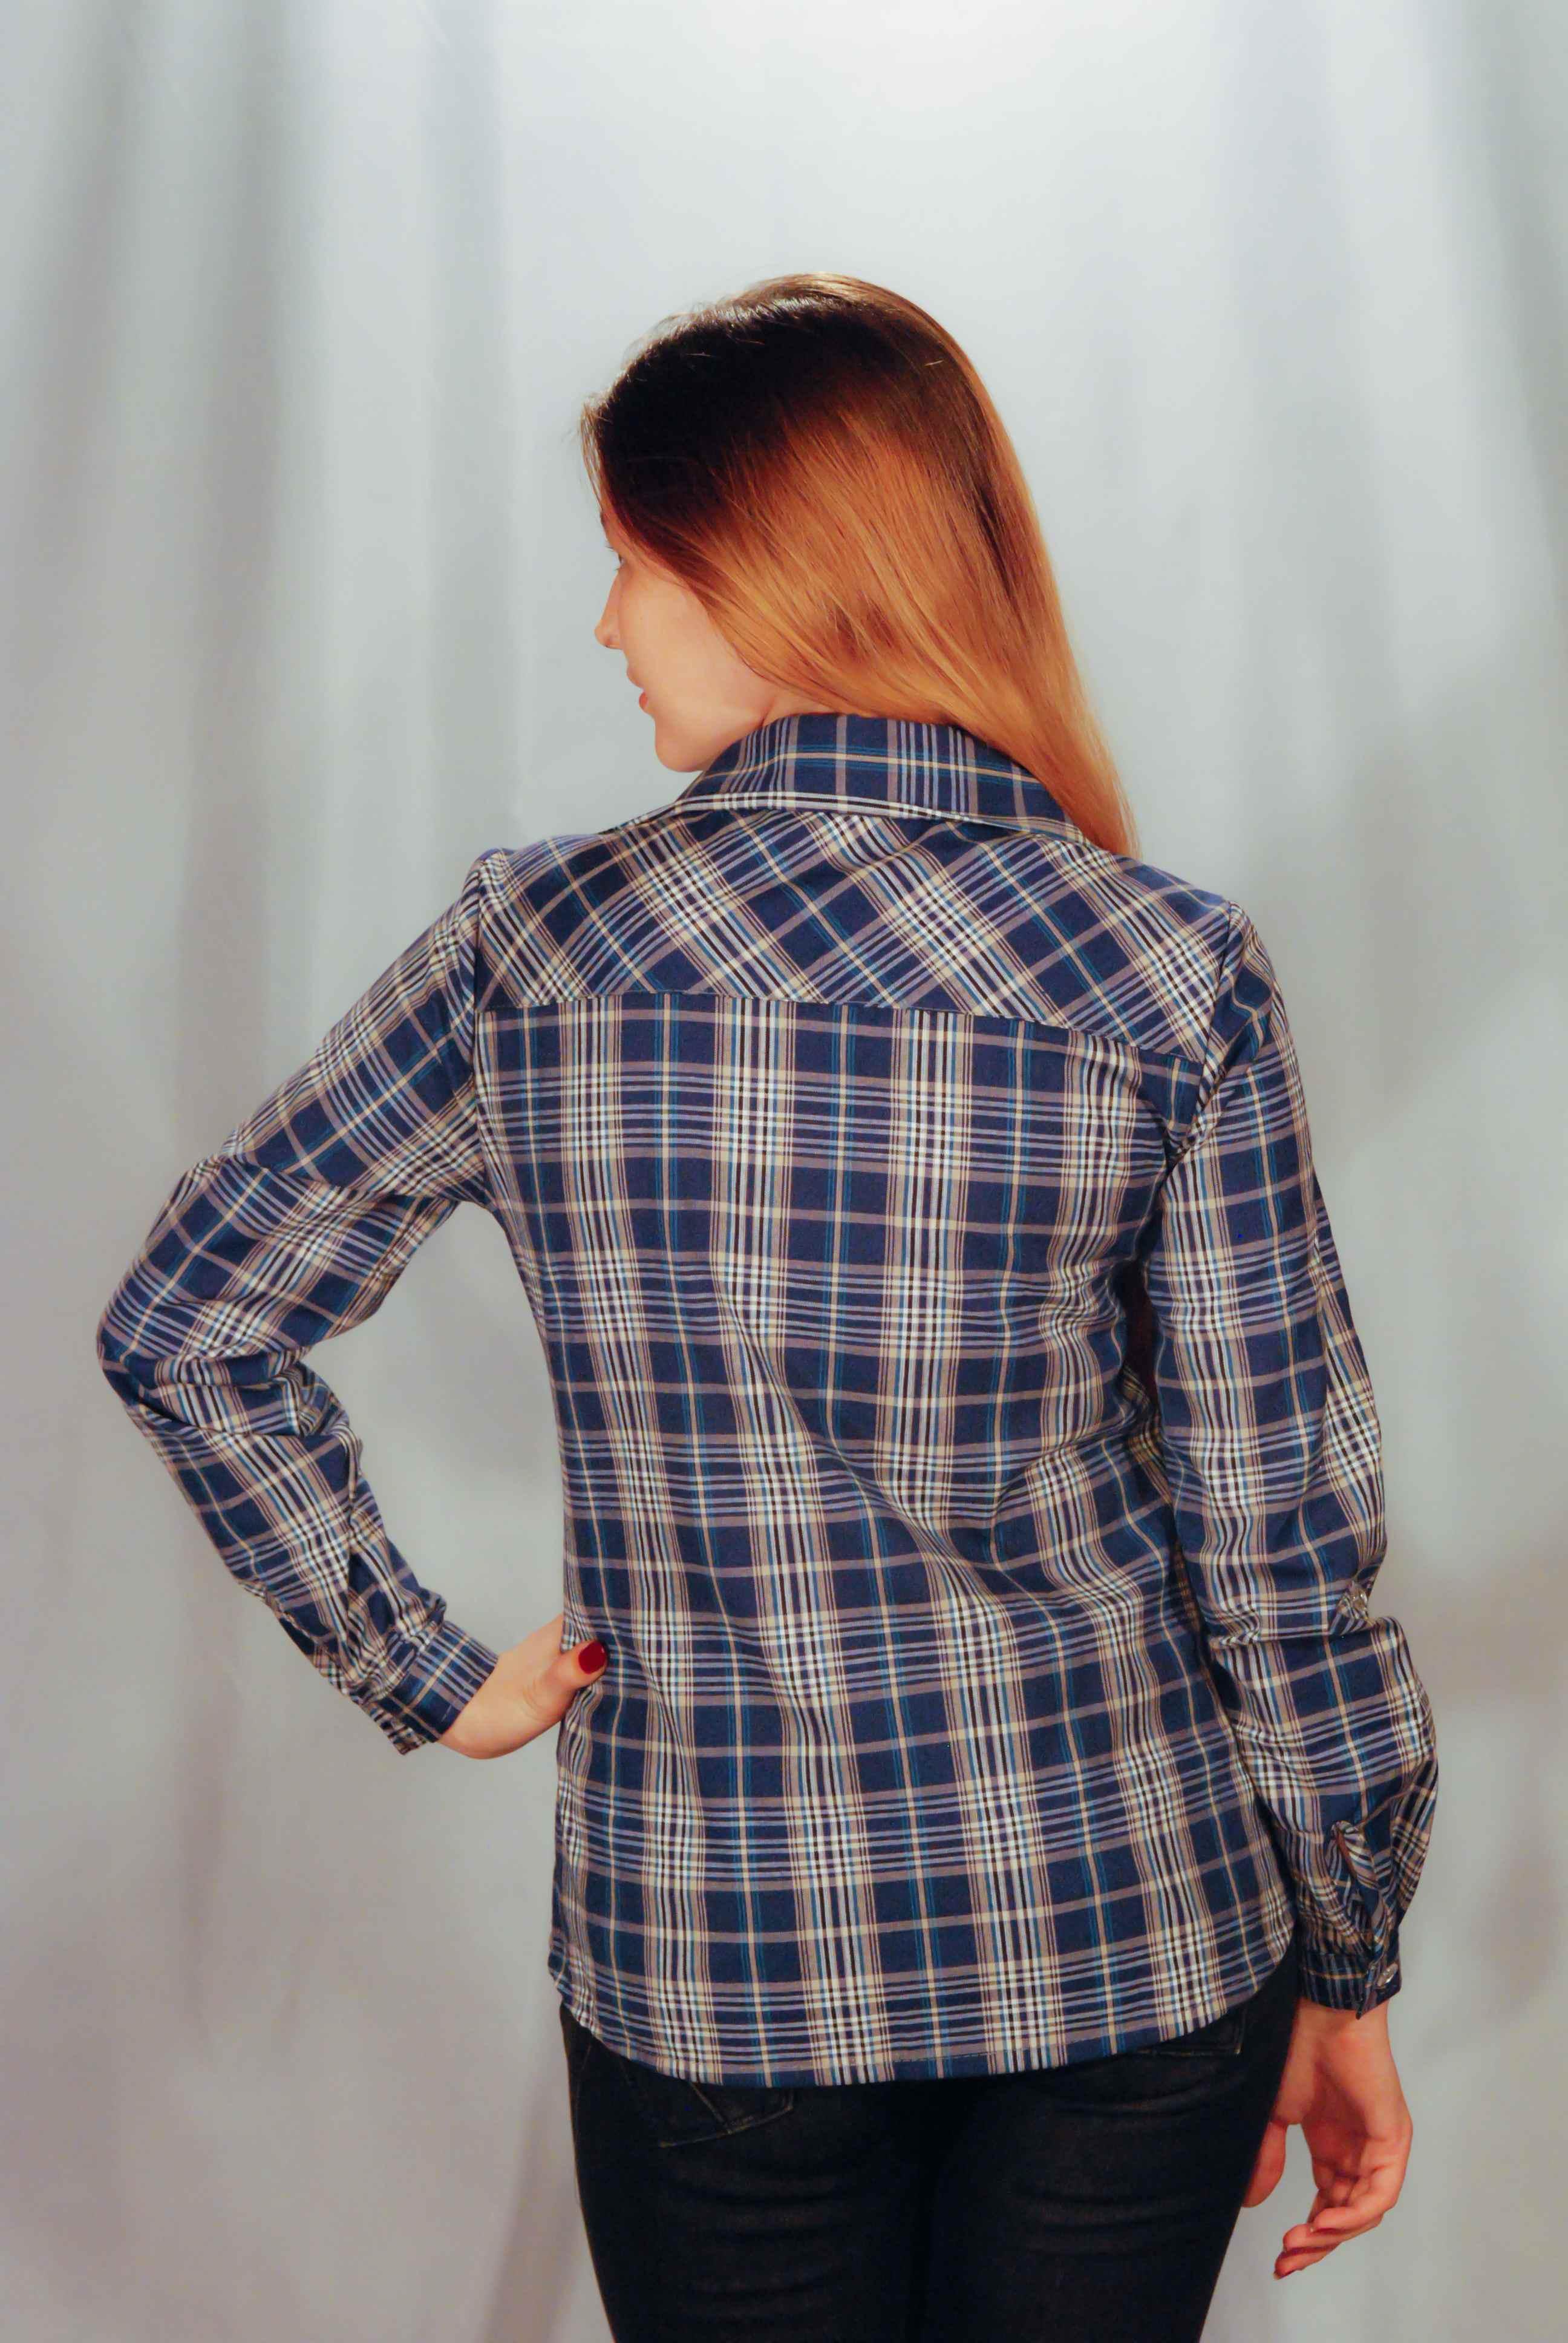 Рубашка шотландка | купить ивановский текстиль оптом